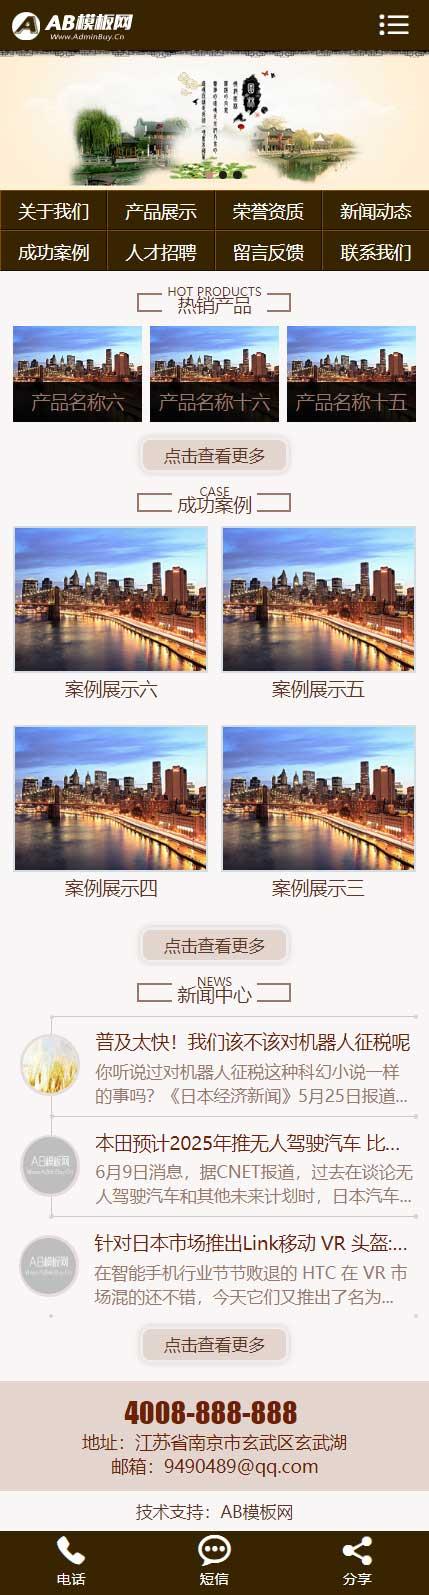 鹤云资源博客-园林景观设计企业网站织梦dede模板源码[自适应手机版]插图1